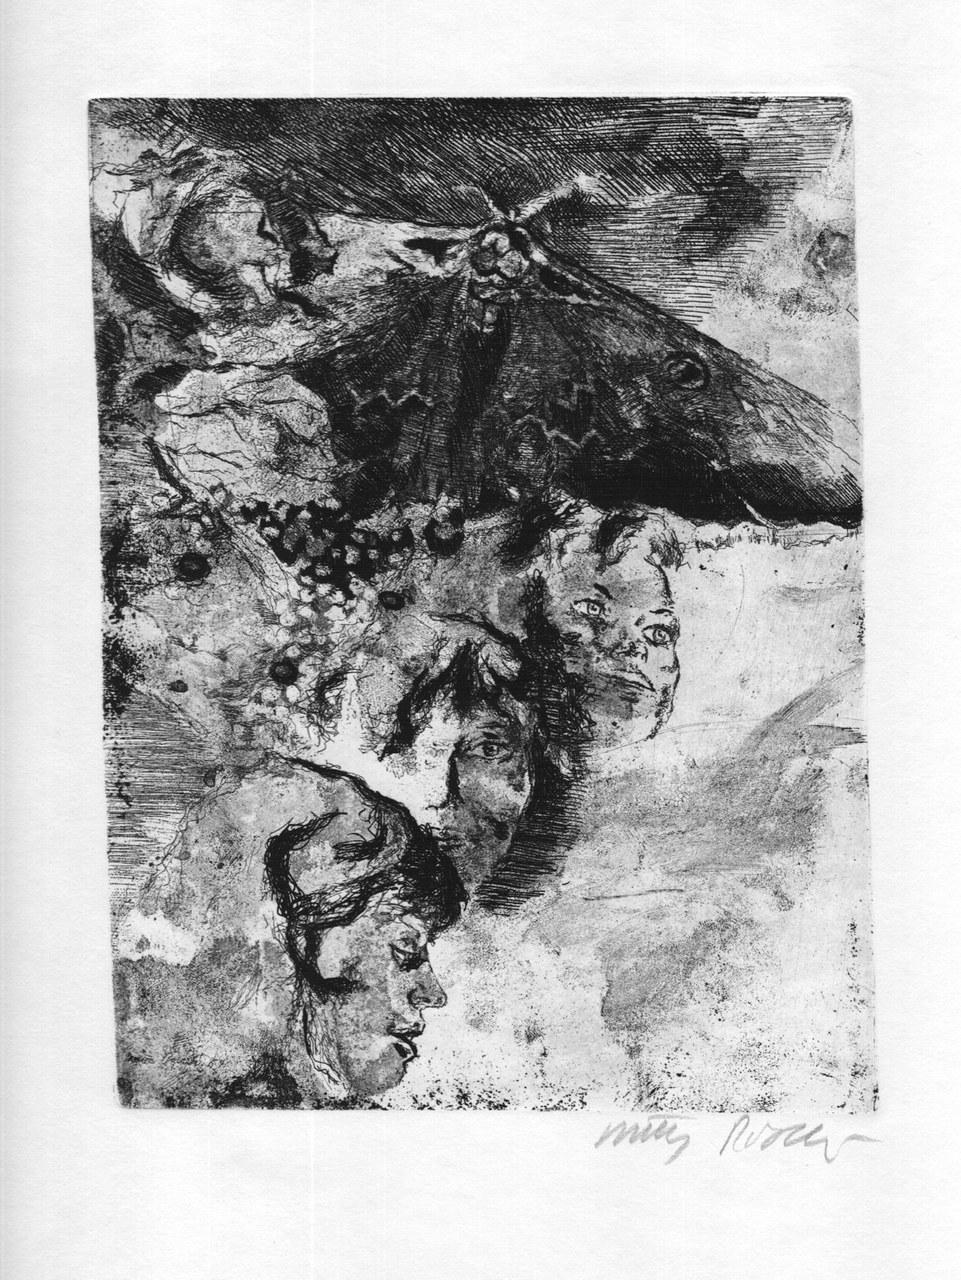 Acquaforte di Walter Piacesi per Sereni, 1970 b